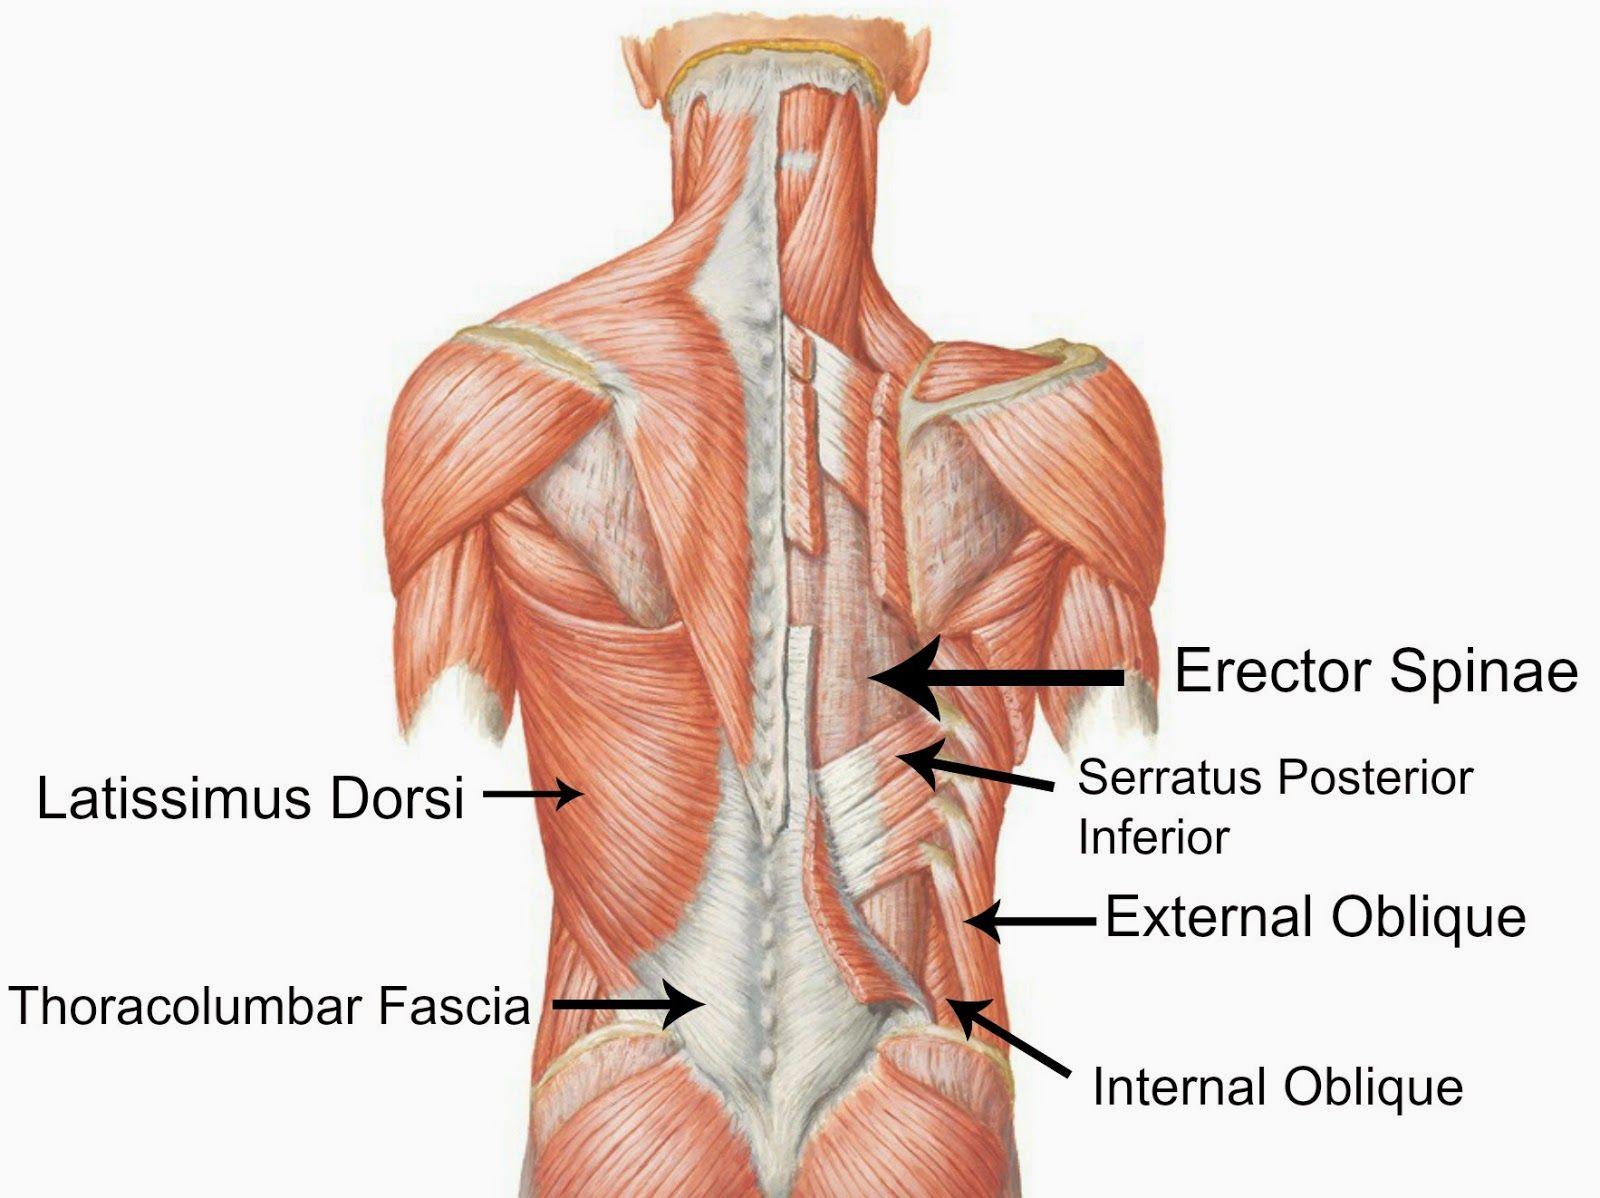 pectoralis major - Google 검색 | anatomy references - body ...